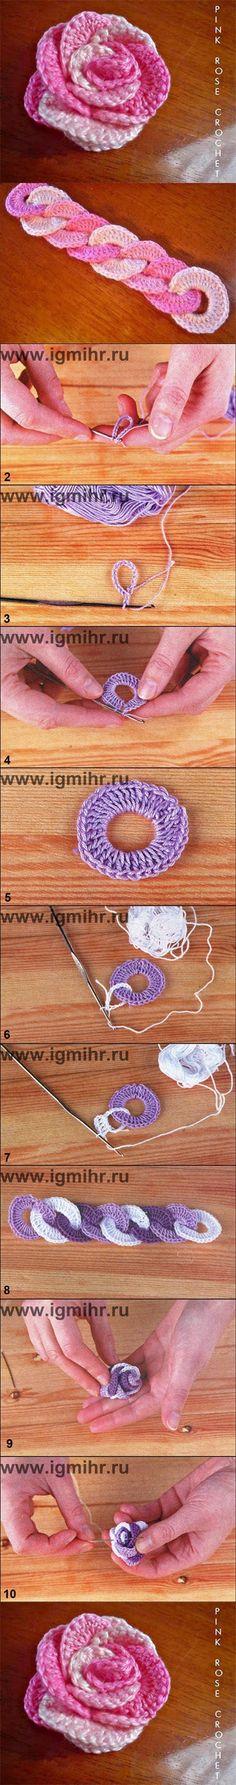 how to DIY Crochet Interlocking Rose, hairband, belt | www.FabArtDIY.com DIY Crochet Interlocking Rose Flower Free Pattern => http://www.fabartdiy.com/crochet-interlocking-rose-flower-free-pattern/ #Crochet